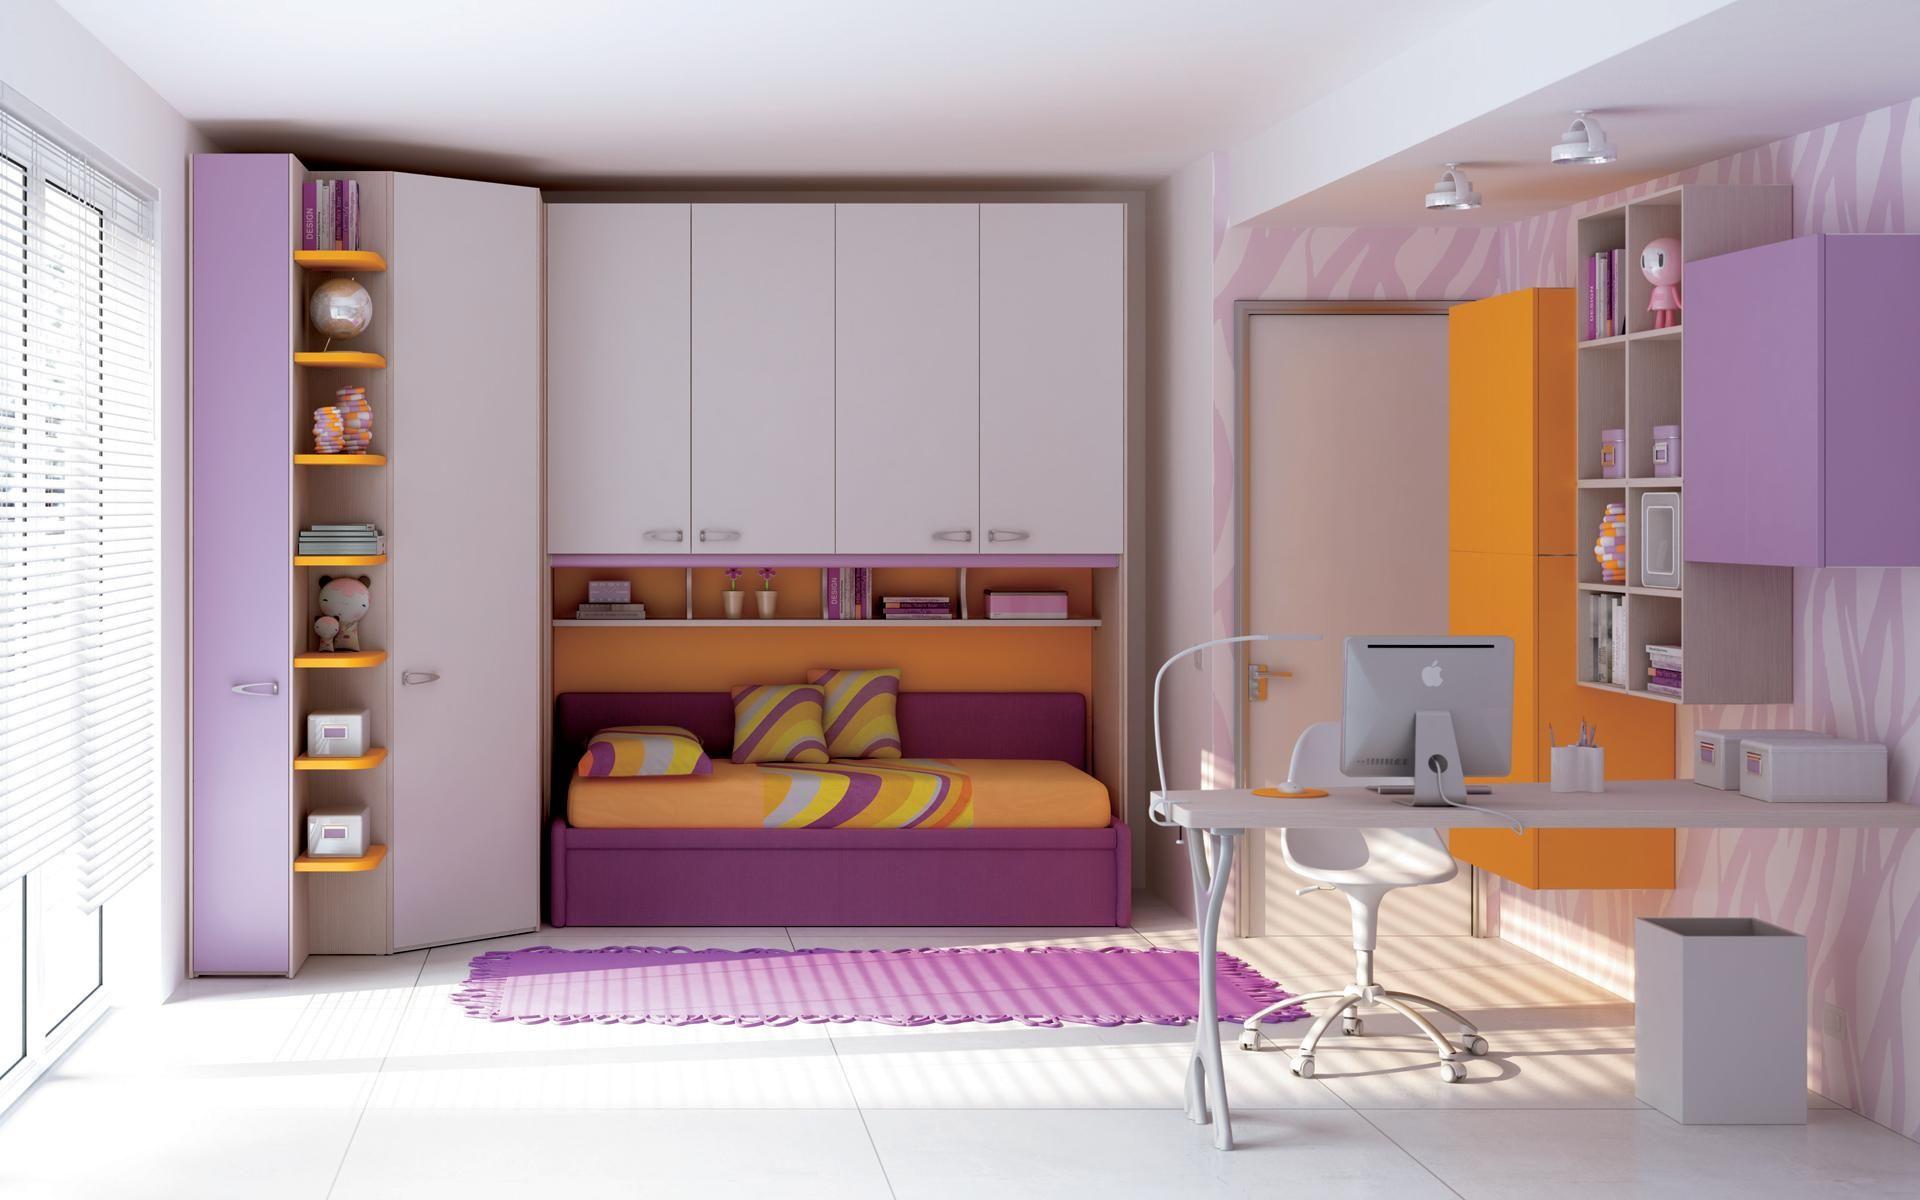 Camerette Moderne | Camerette Moderne | Pinterest | Kids s ...